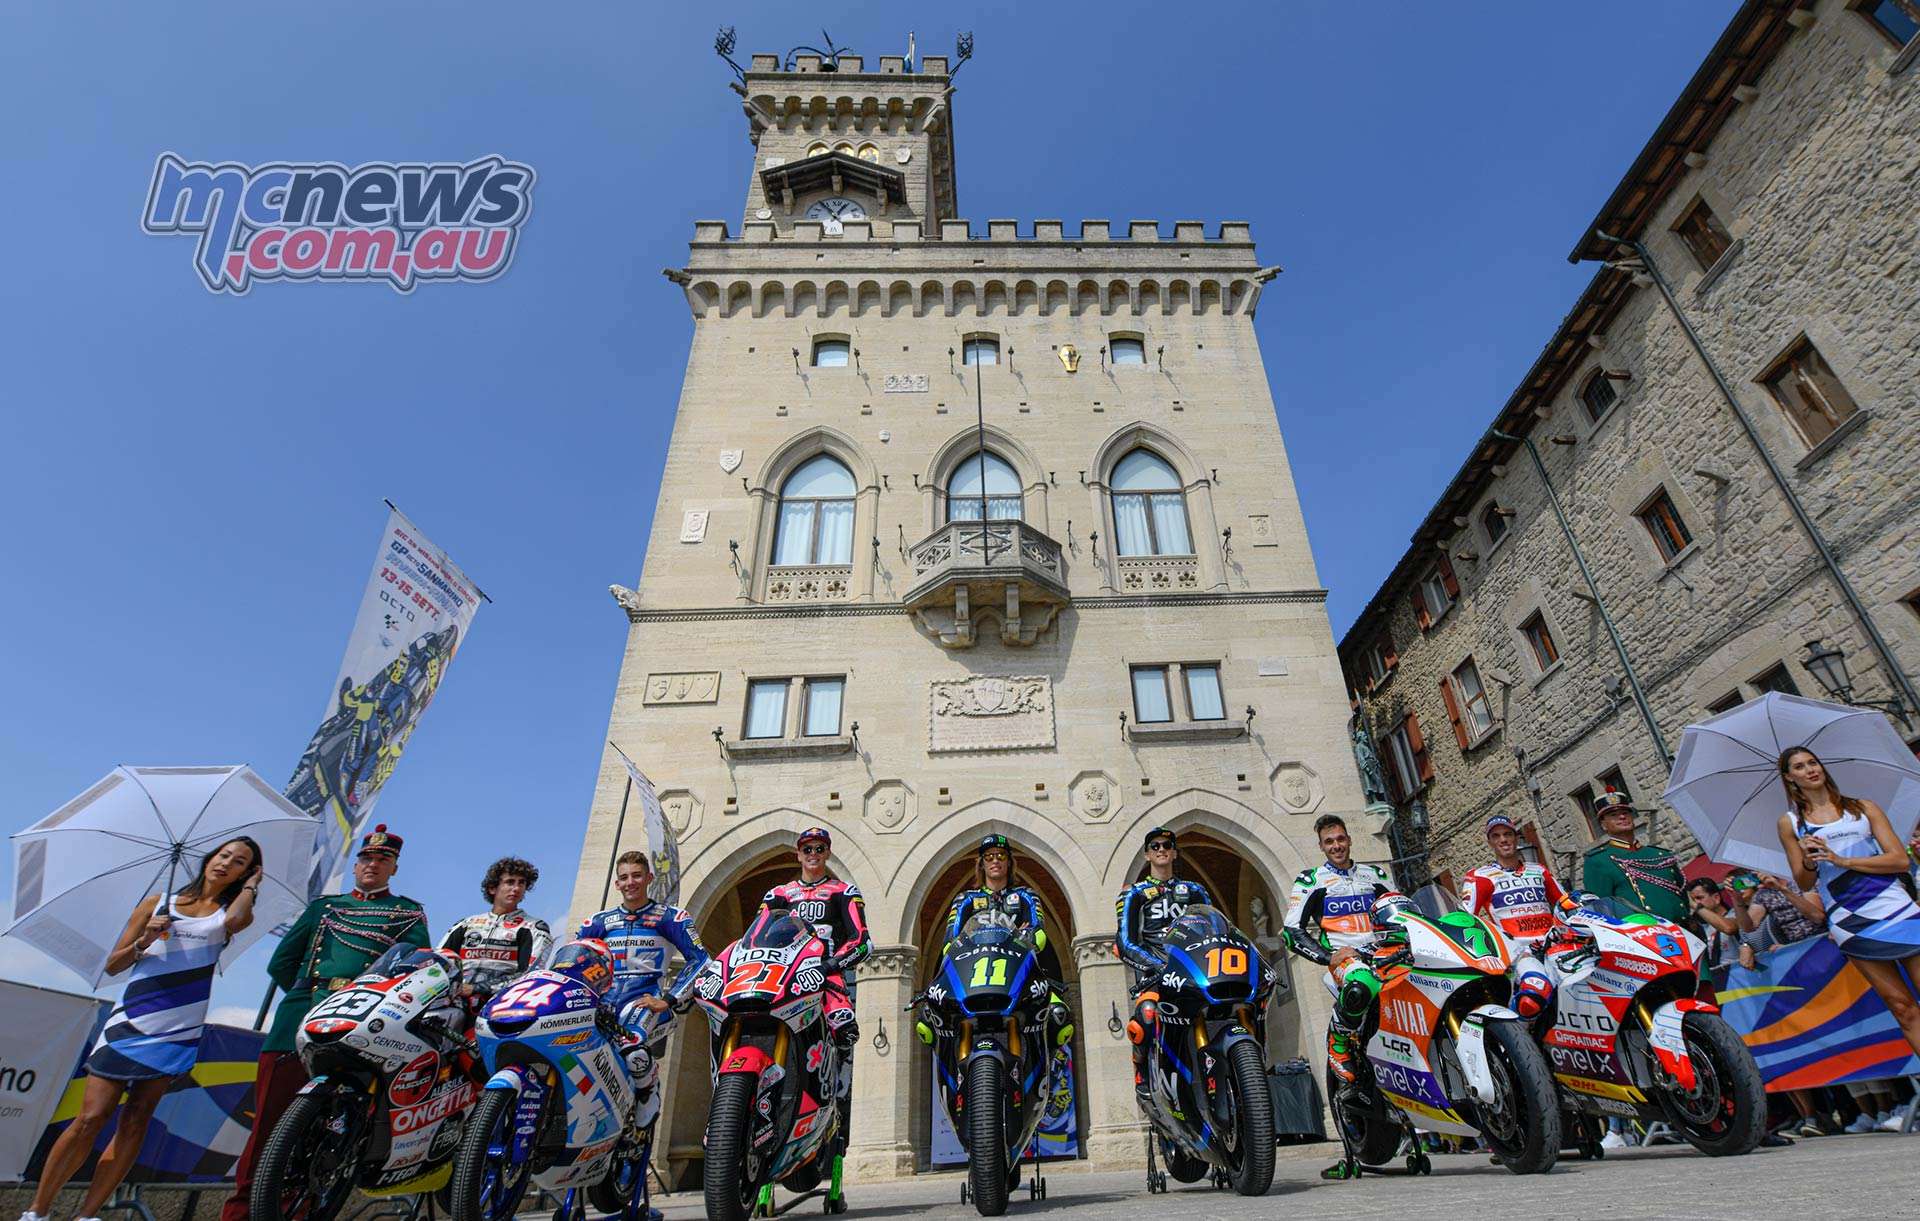 MotoGP Rnd Misano Presser L R Antonelli Rossi Di Giannantonio Bulega Marini Canepa De Angelis in the Piazza della Liberta San Marino